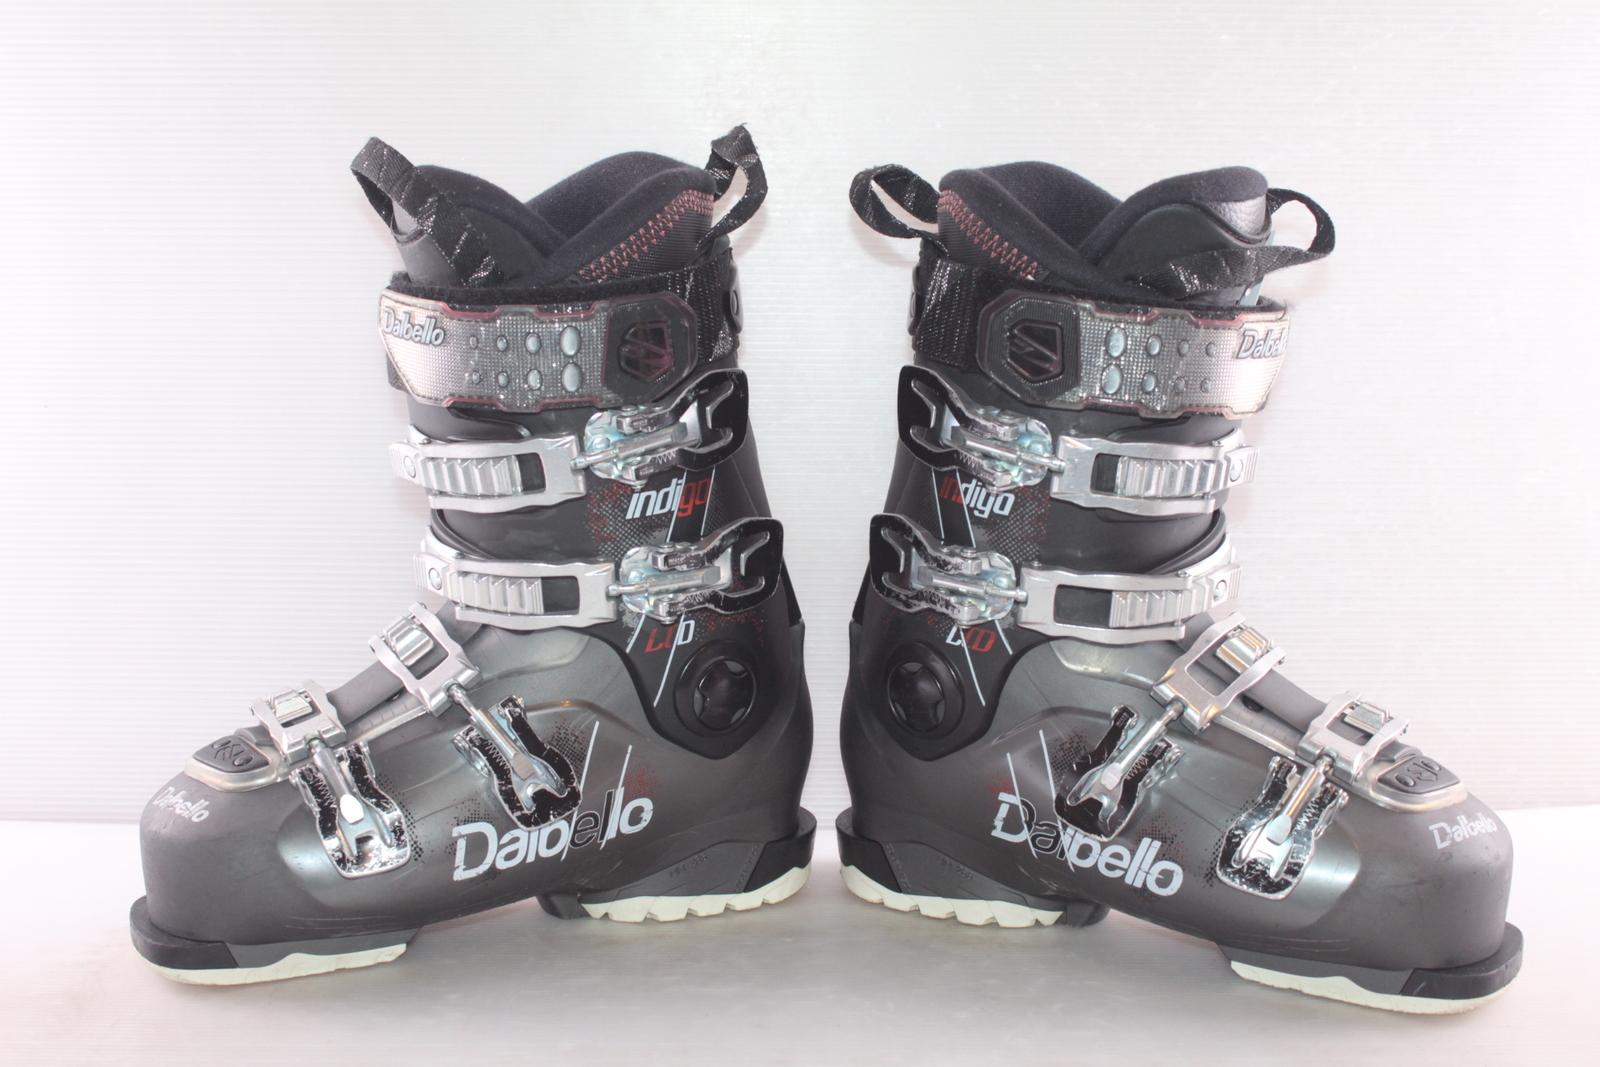 Dámské lyžáky Dalbello Indigo Ltd vel. EU38.5 flexe 80